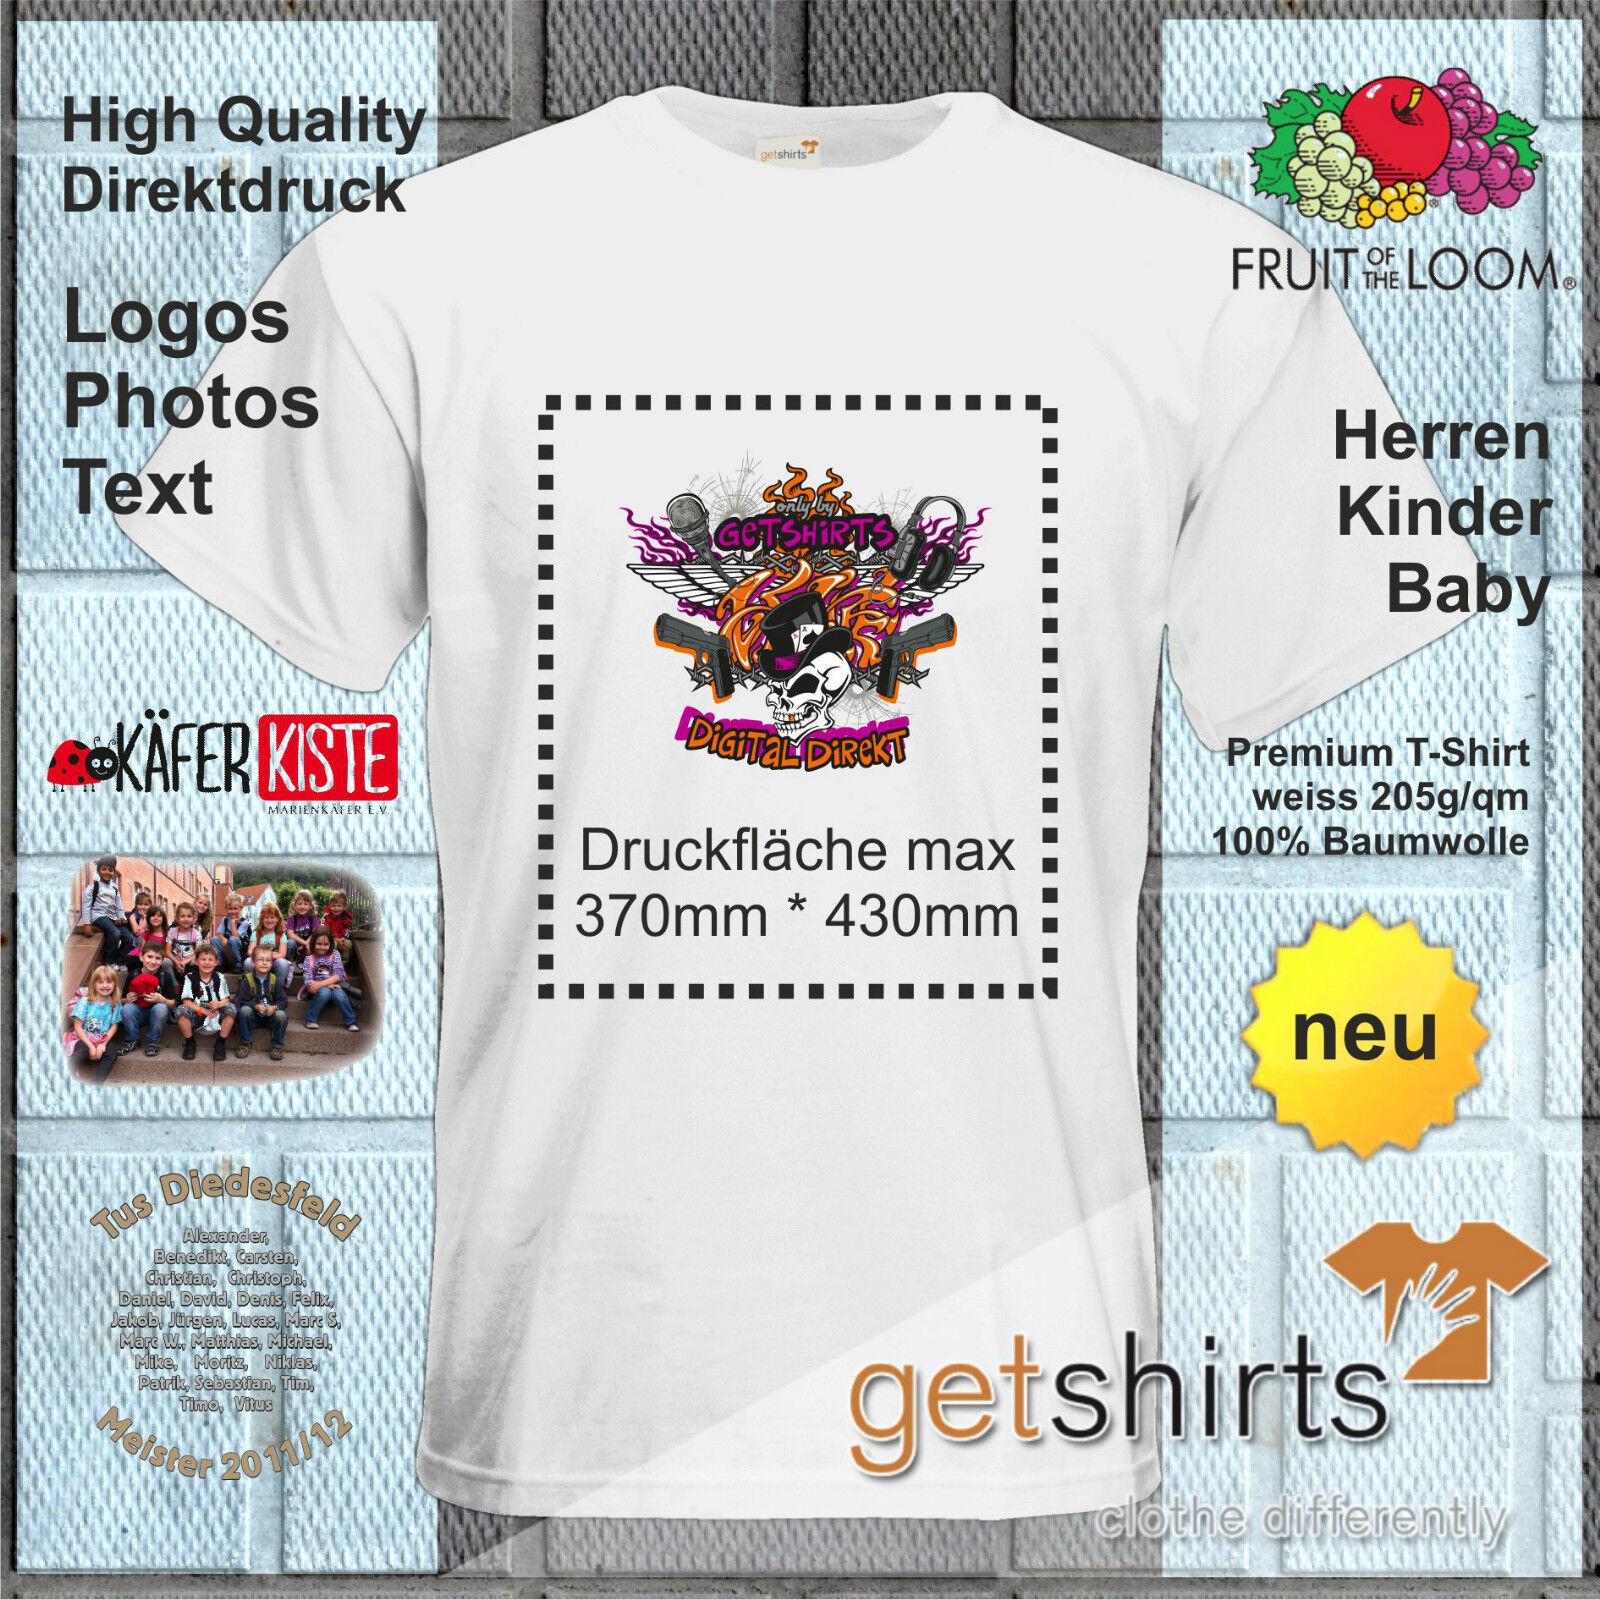 Textildruck Shirtdruck T-Shirt bedrucken - High Quality Direktdruck NEU